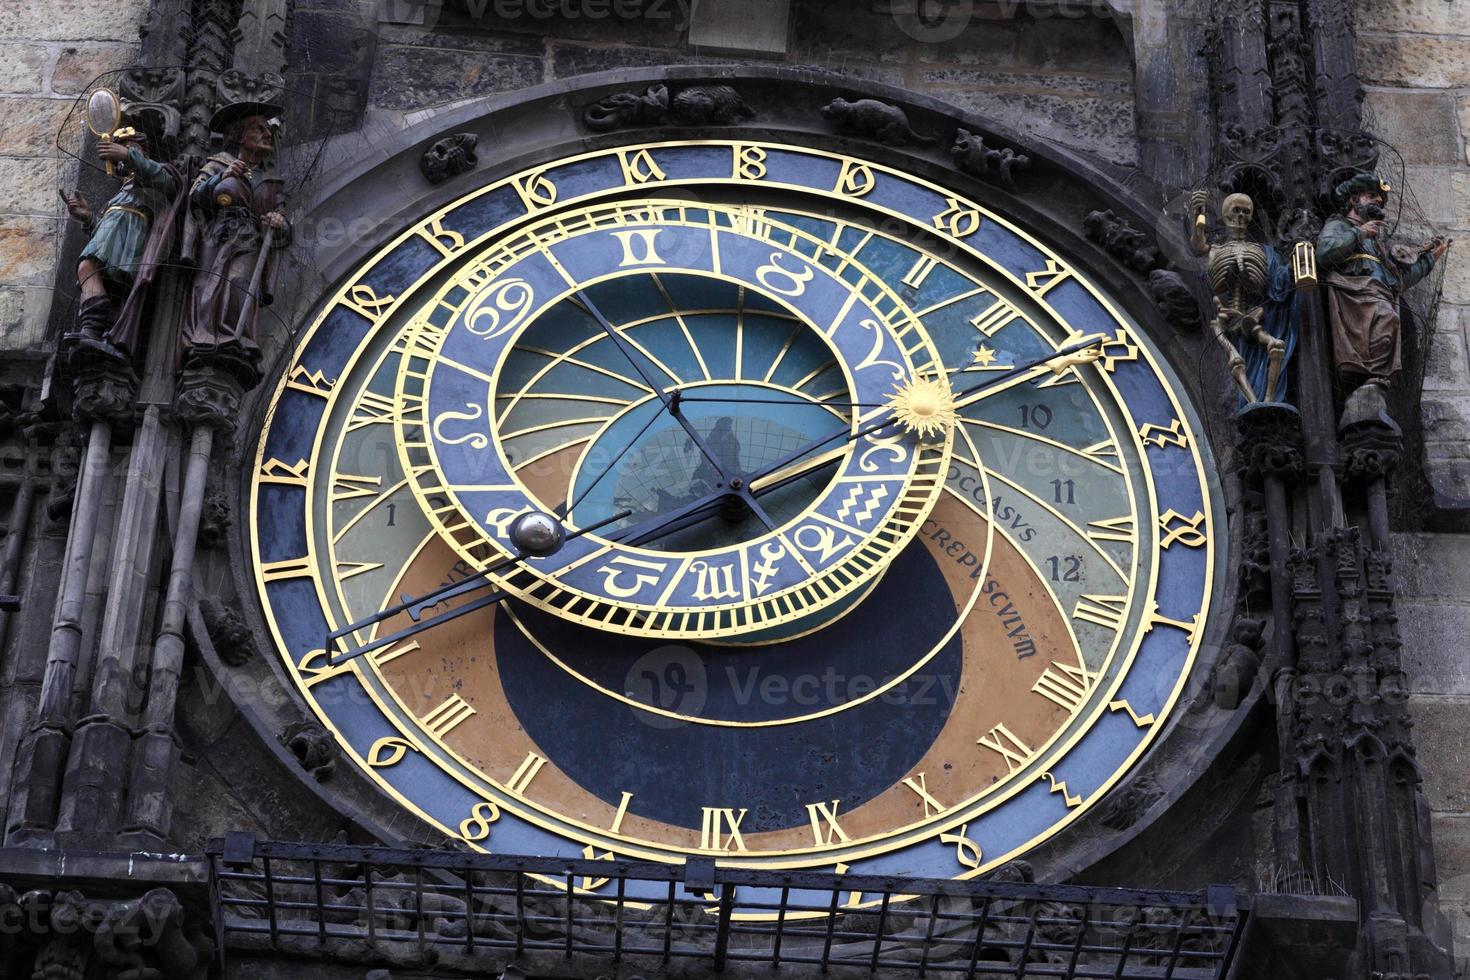 dettaglio dell'orologio astronomico foto